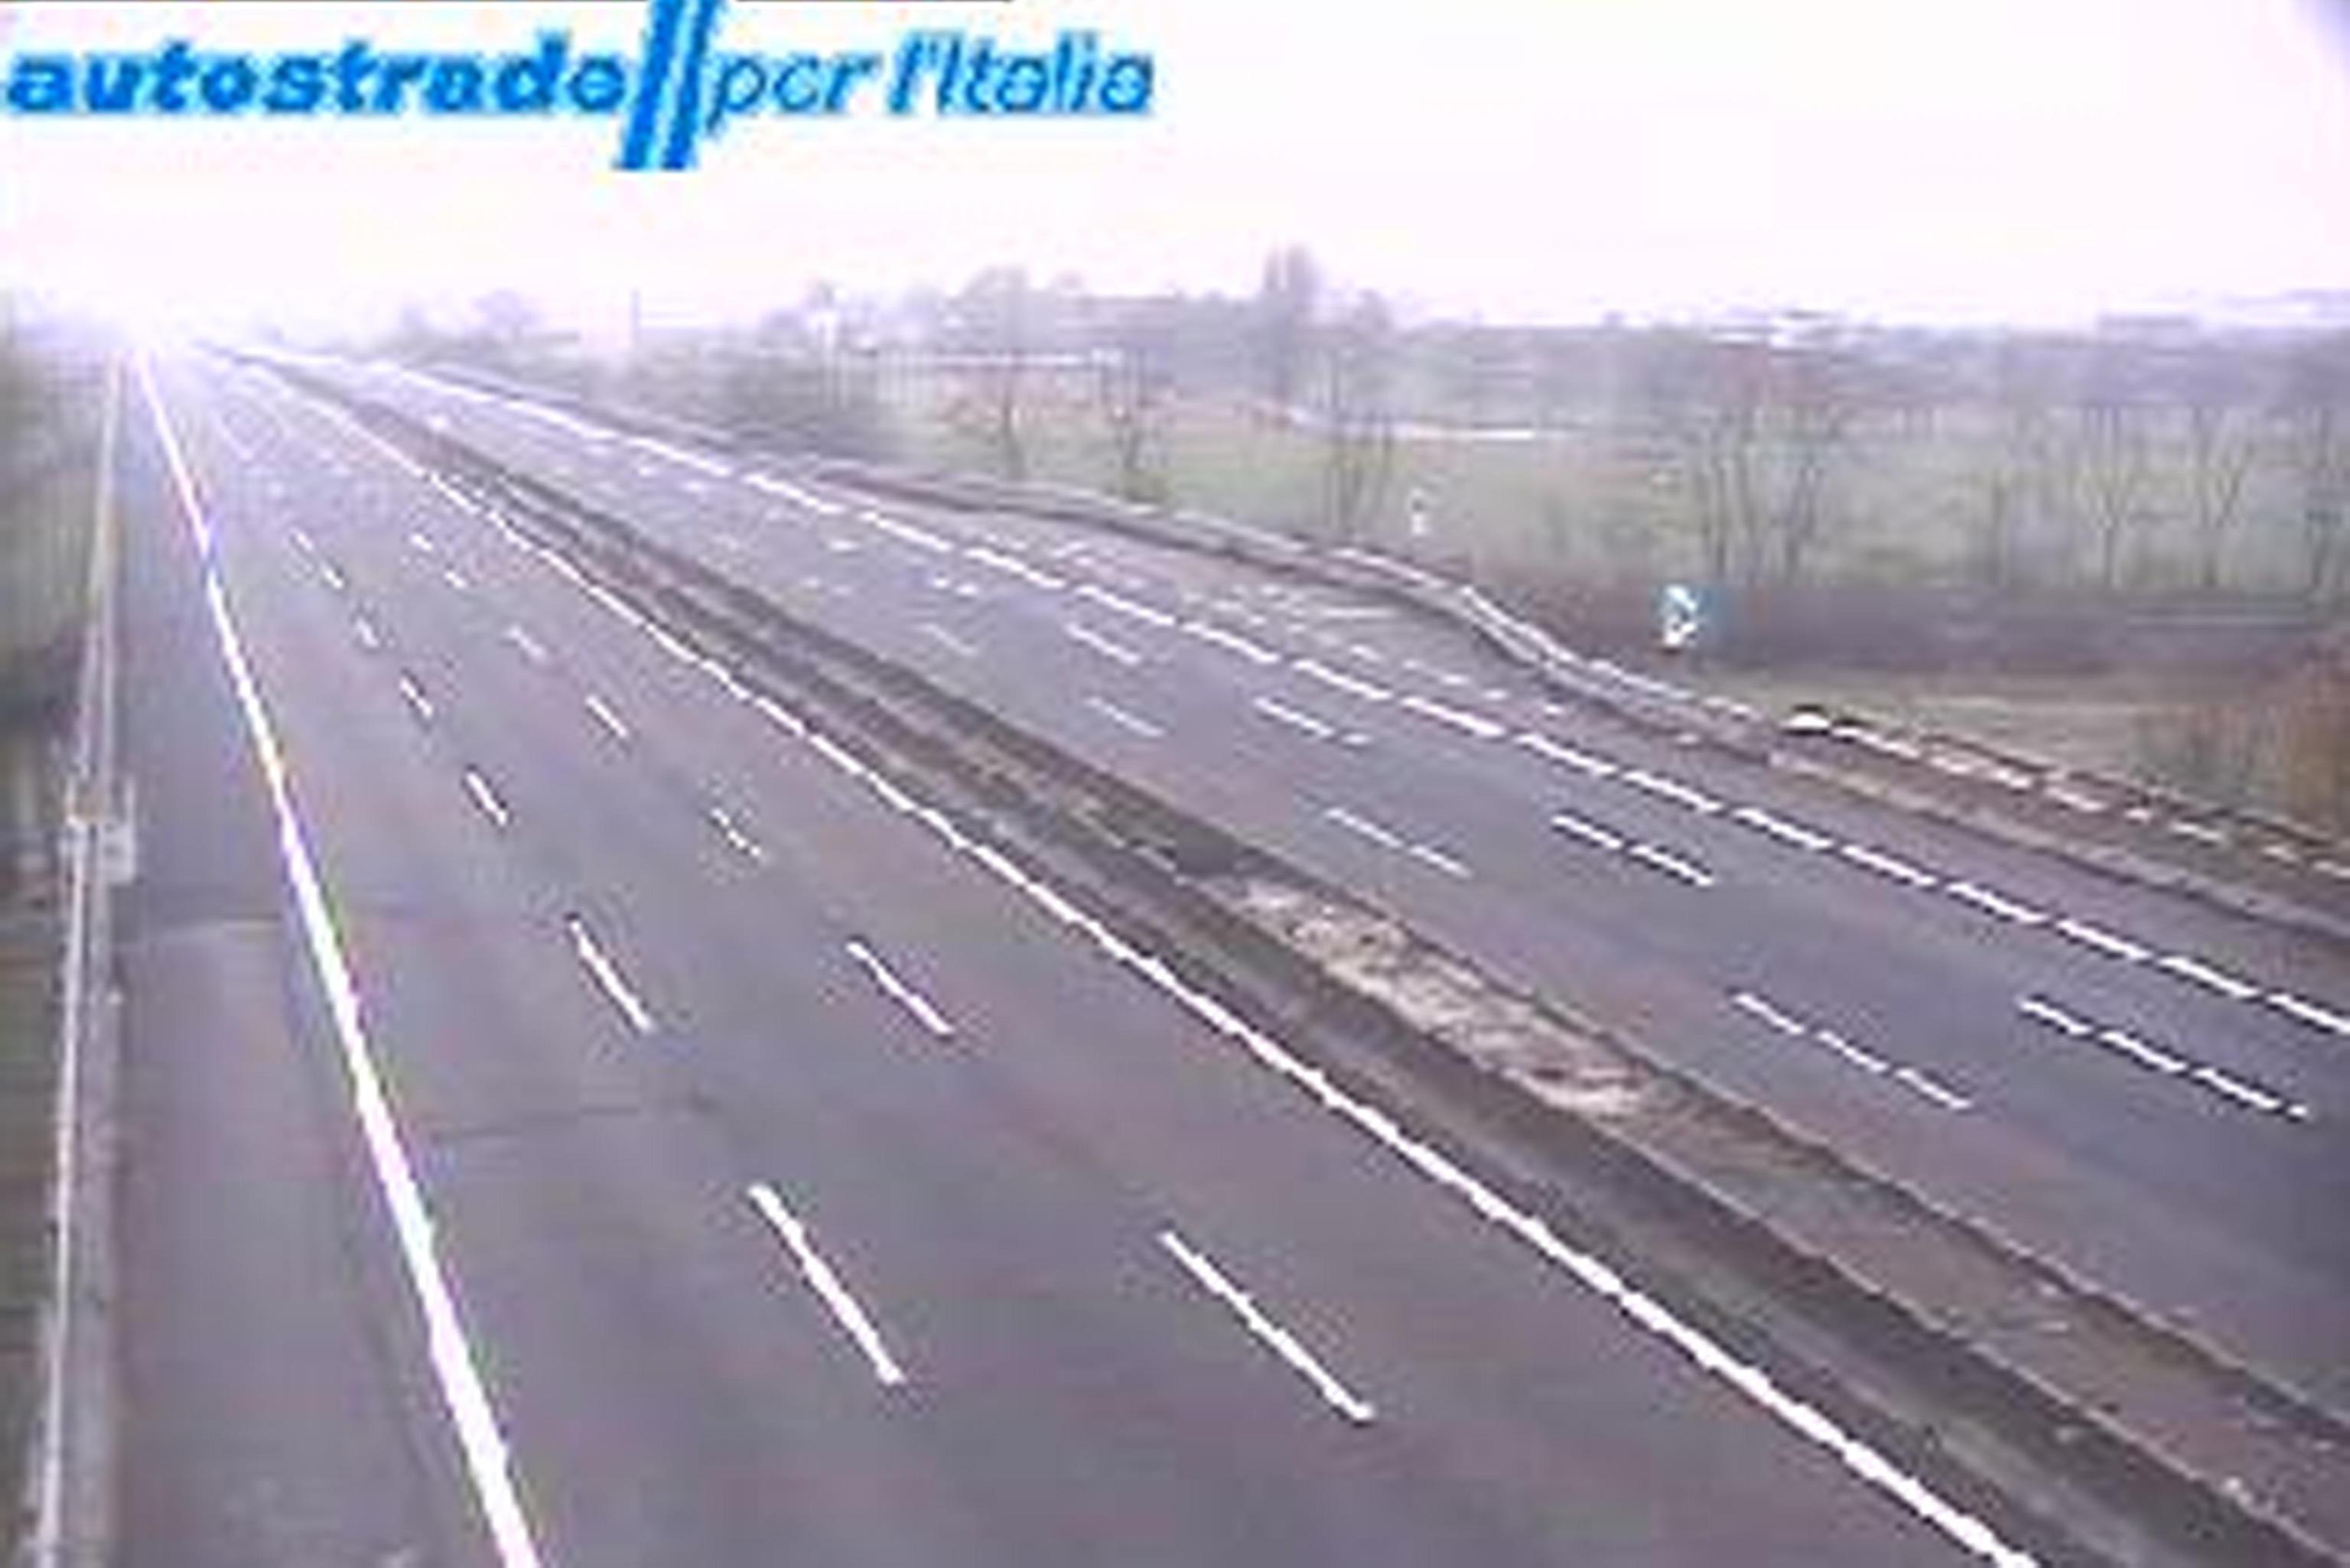 Nel piano trasporti spunta la quarta corsia sull'A1 tra Piacenza e Modena